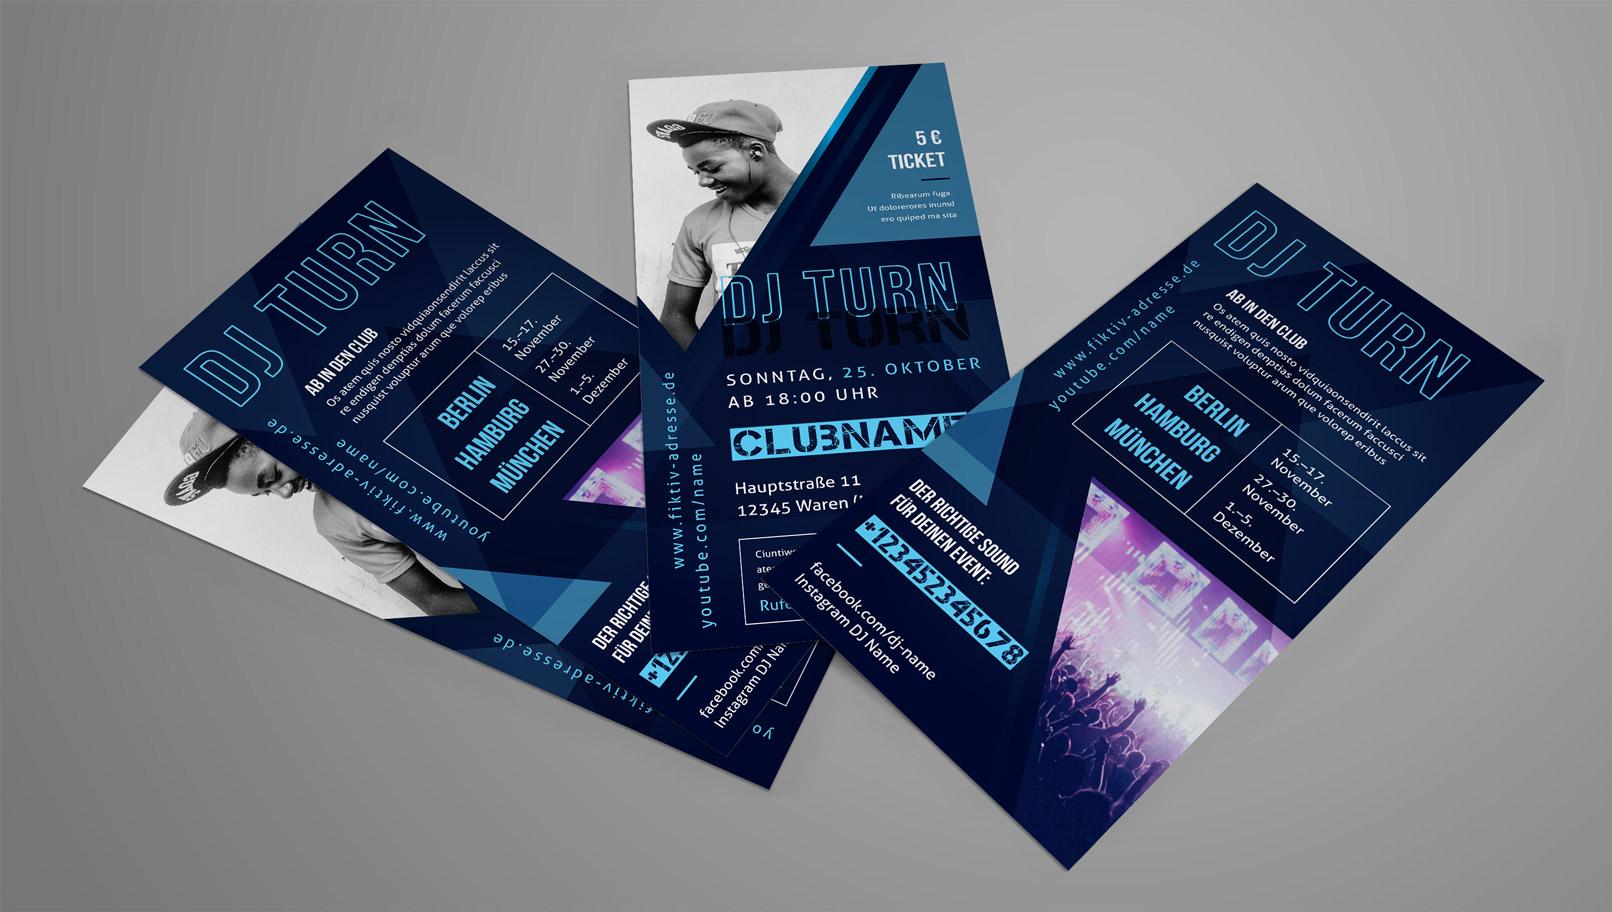 Flyer-Design zur Ankündigung von Auftritten und Tourdaten